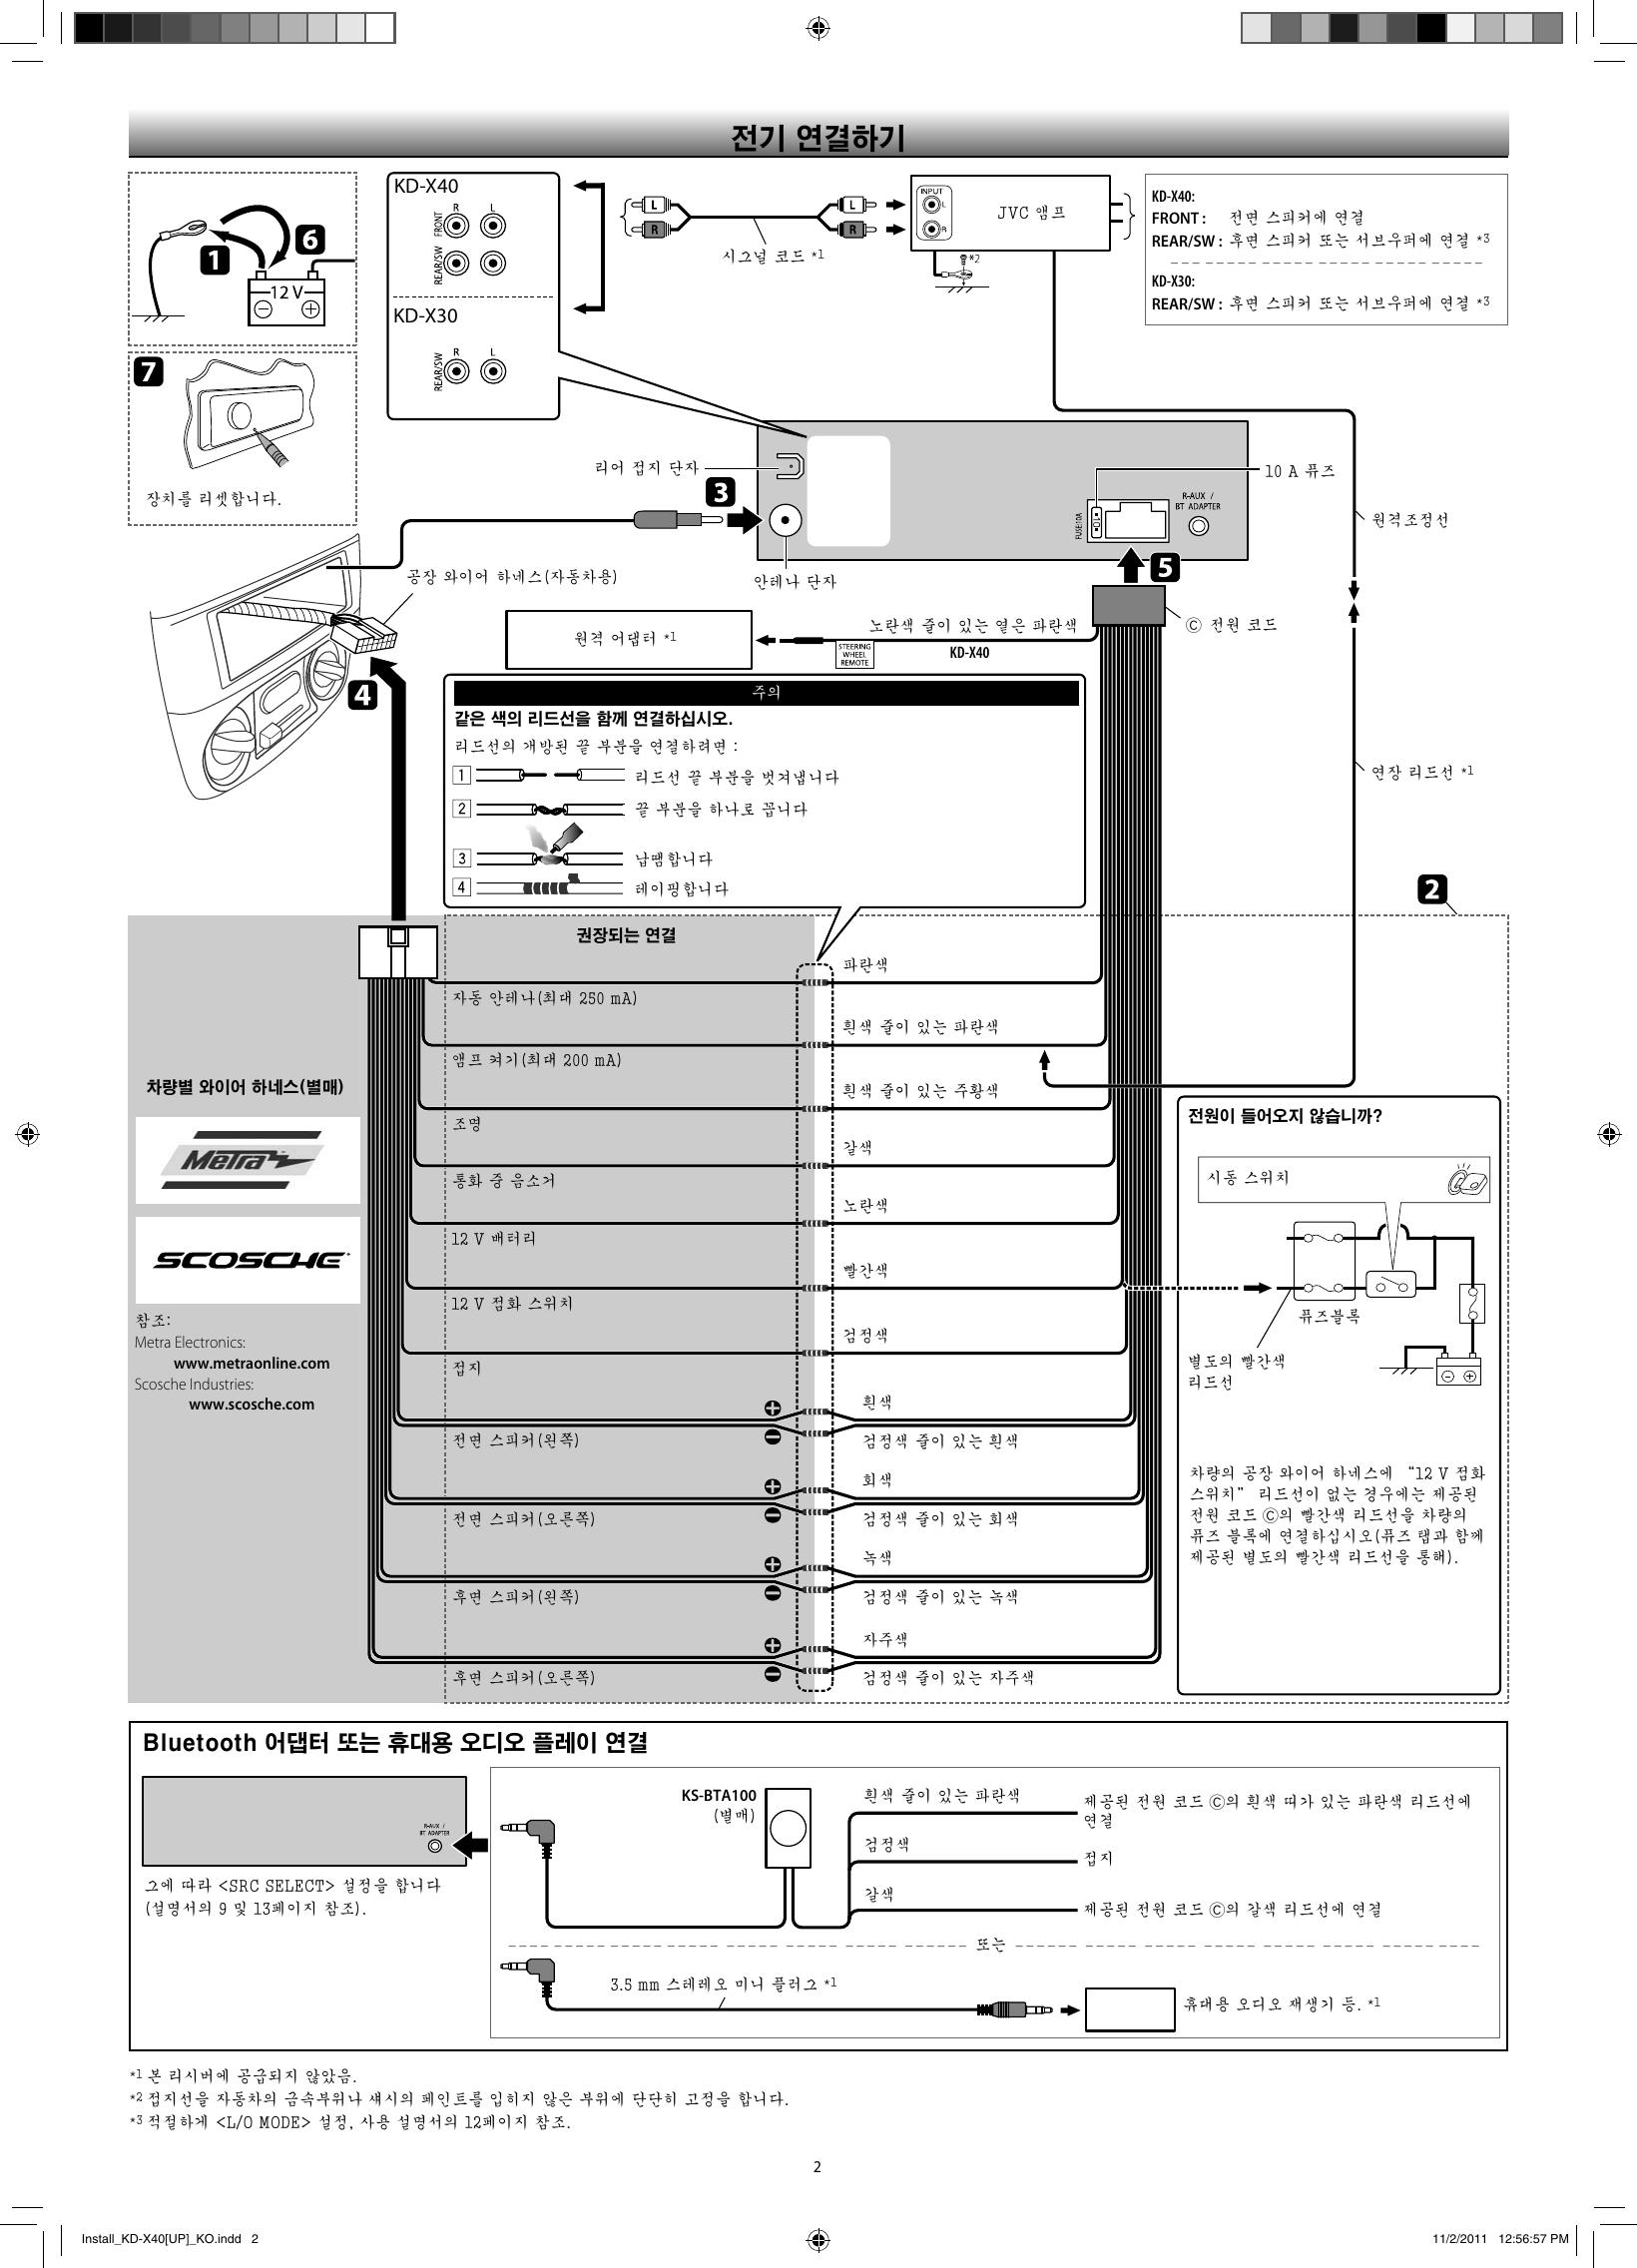 [SCHEMATICS_4JK]  JVC KD X40UP X40/KD X30 User Manual INSTALLATION GET0782 007A | Jvc Kd X40 Wiring Diagram |  | UserManual.wiki